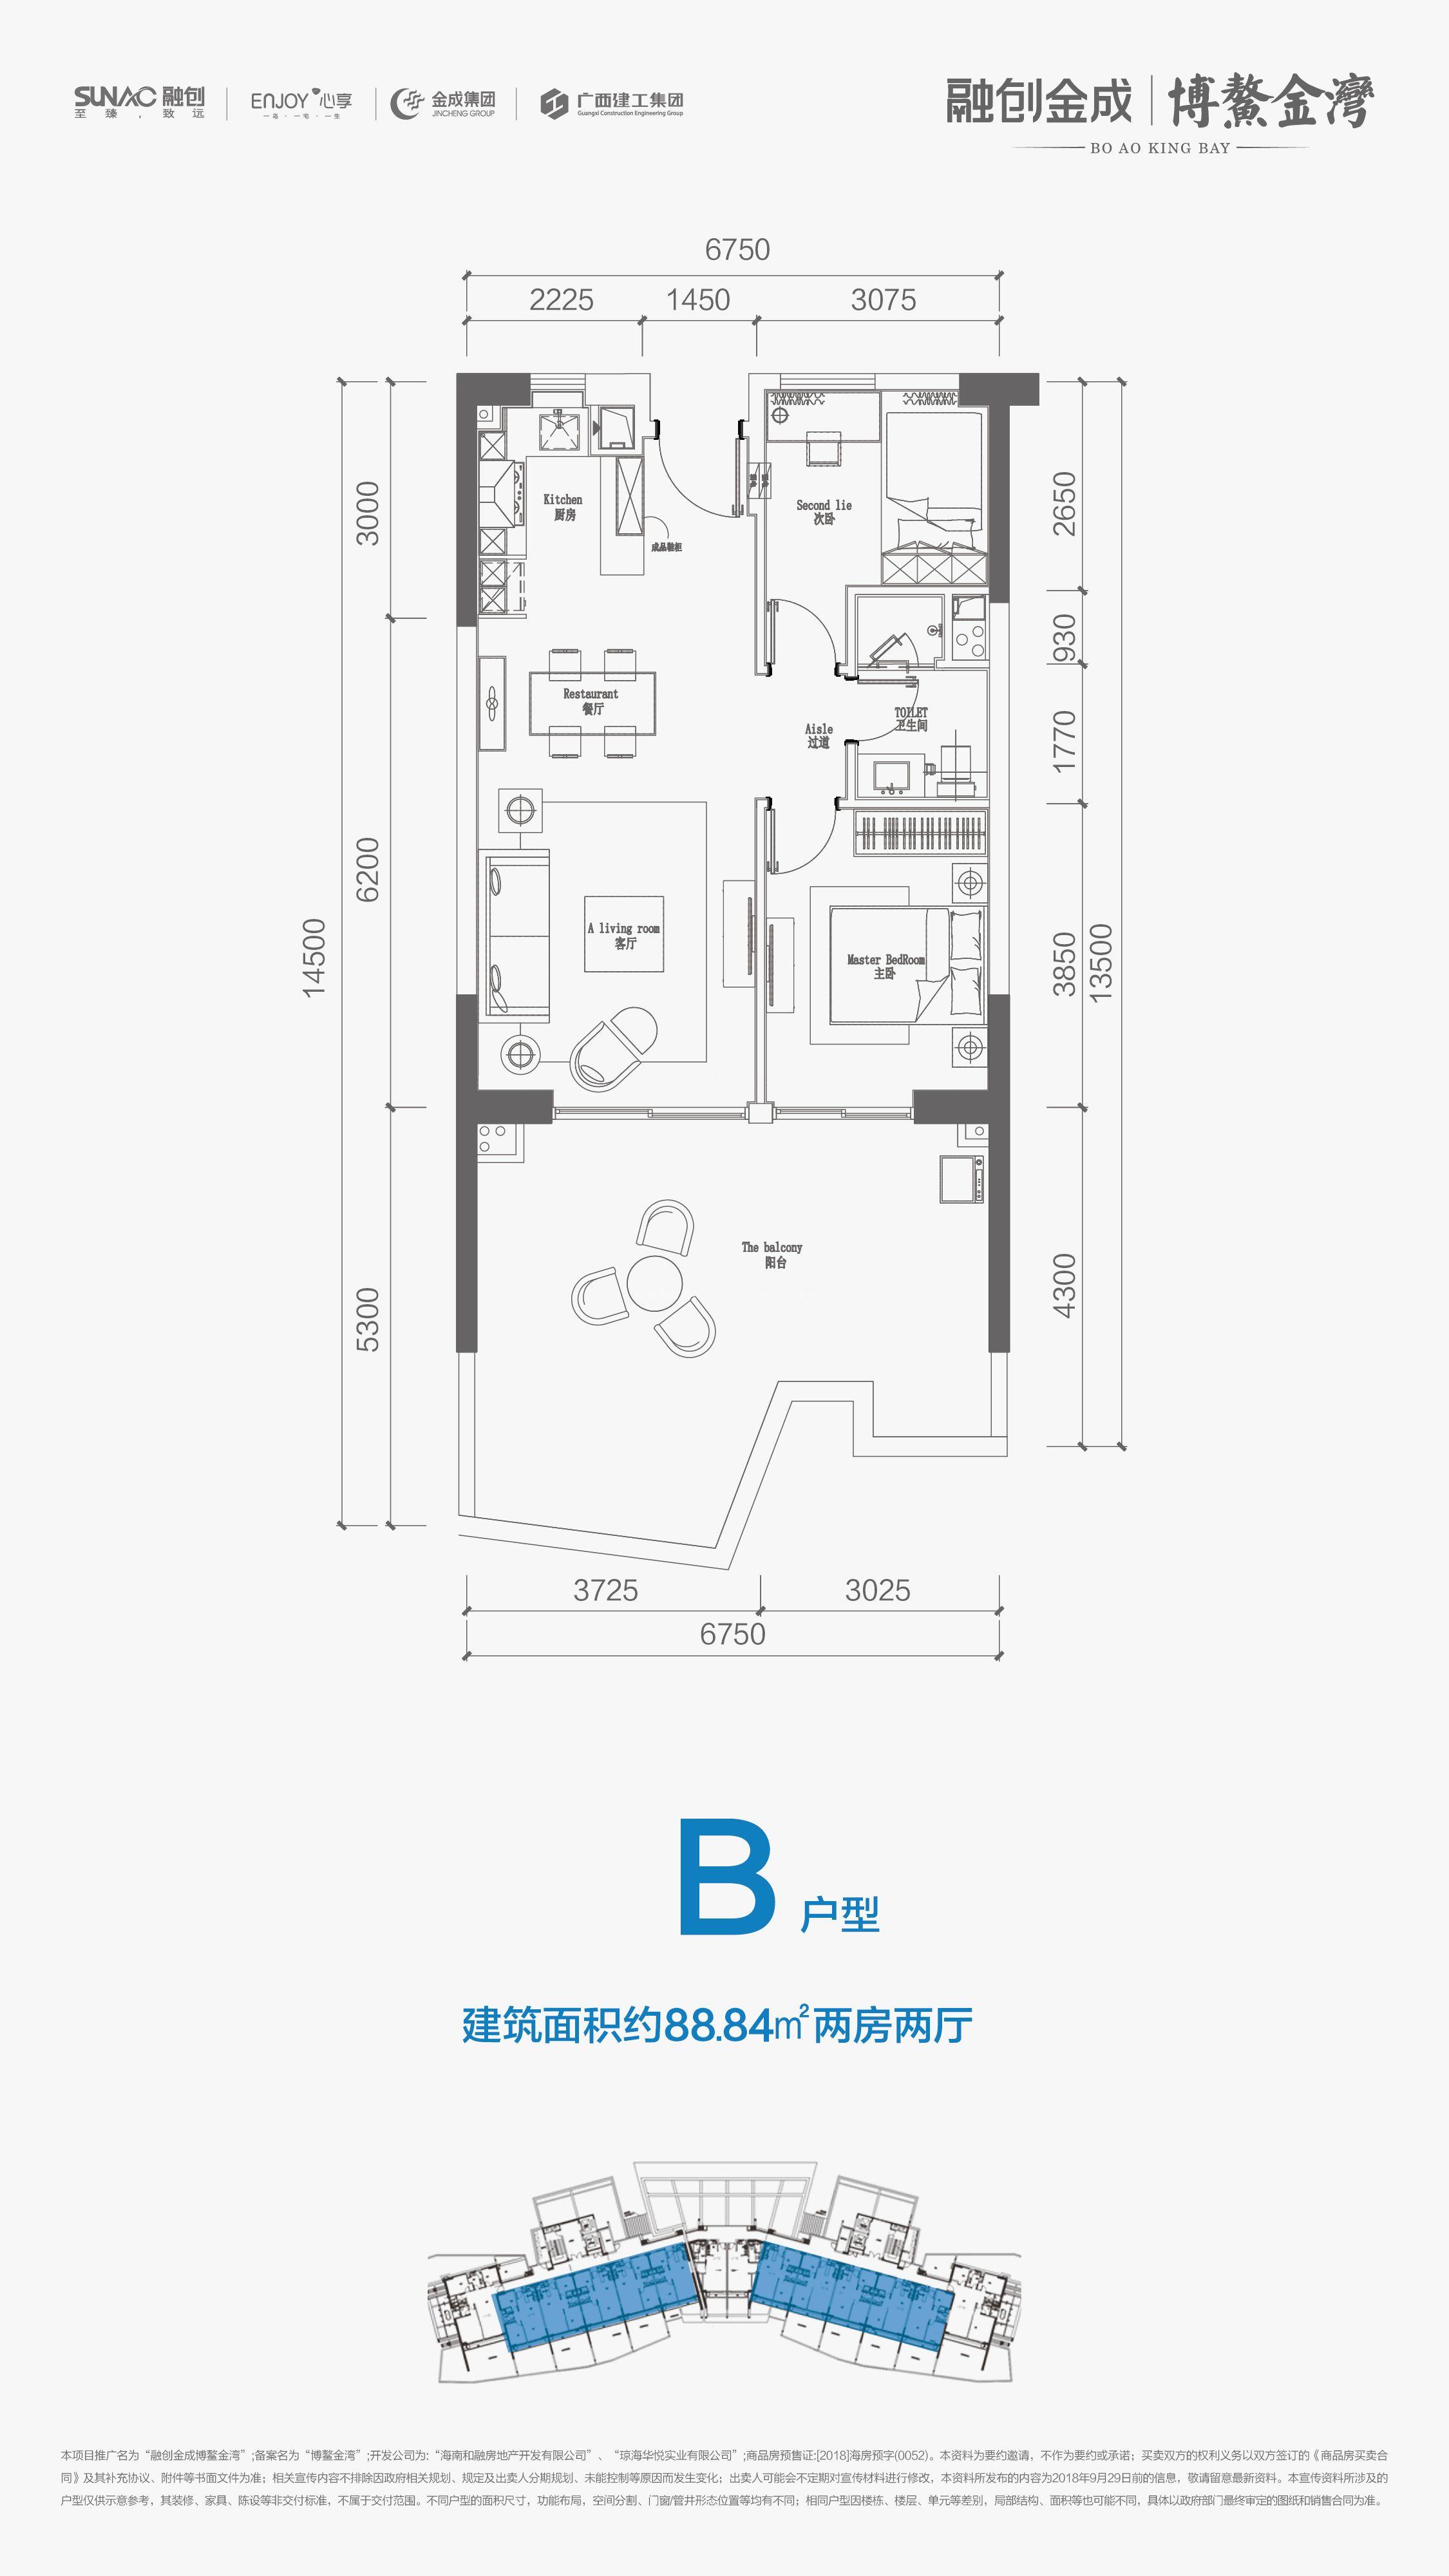 B户型 2房2厅 建面88.84㎡